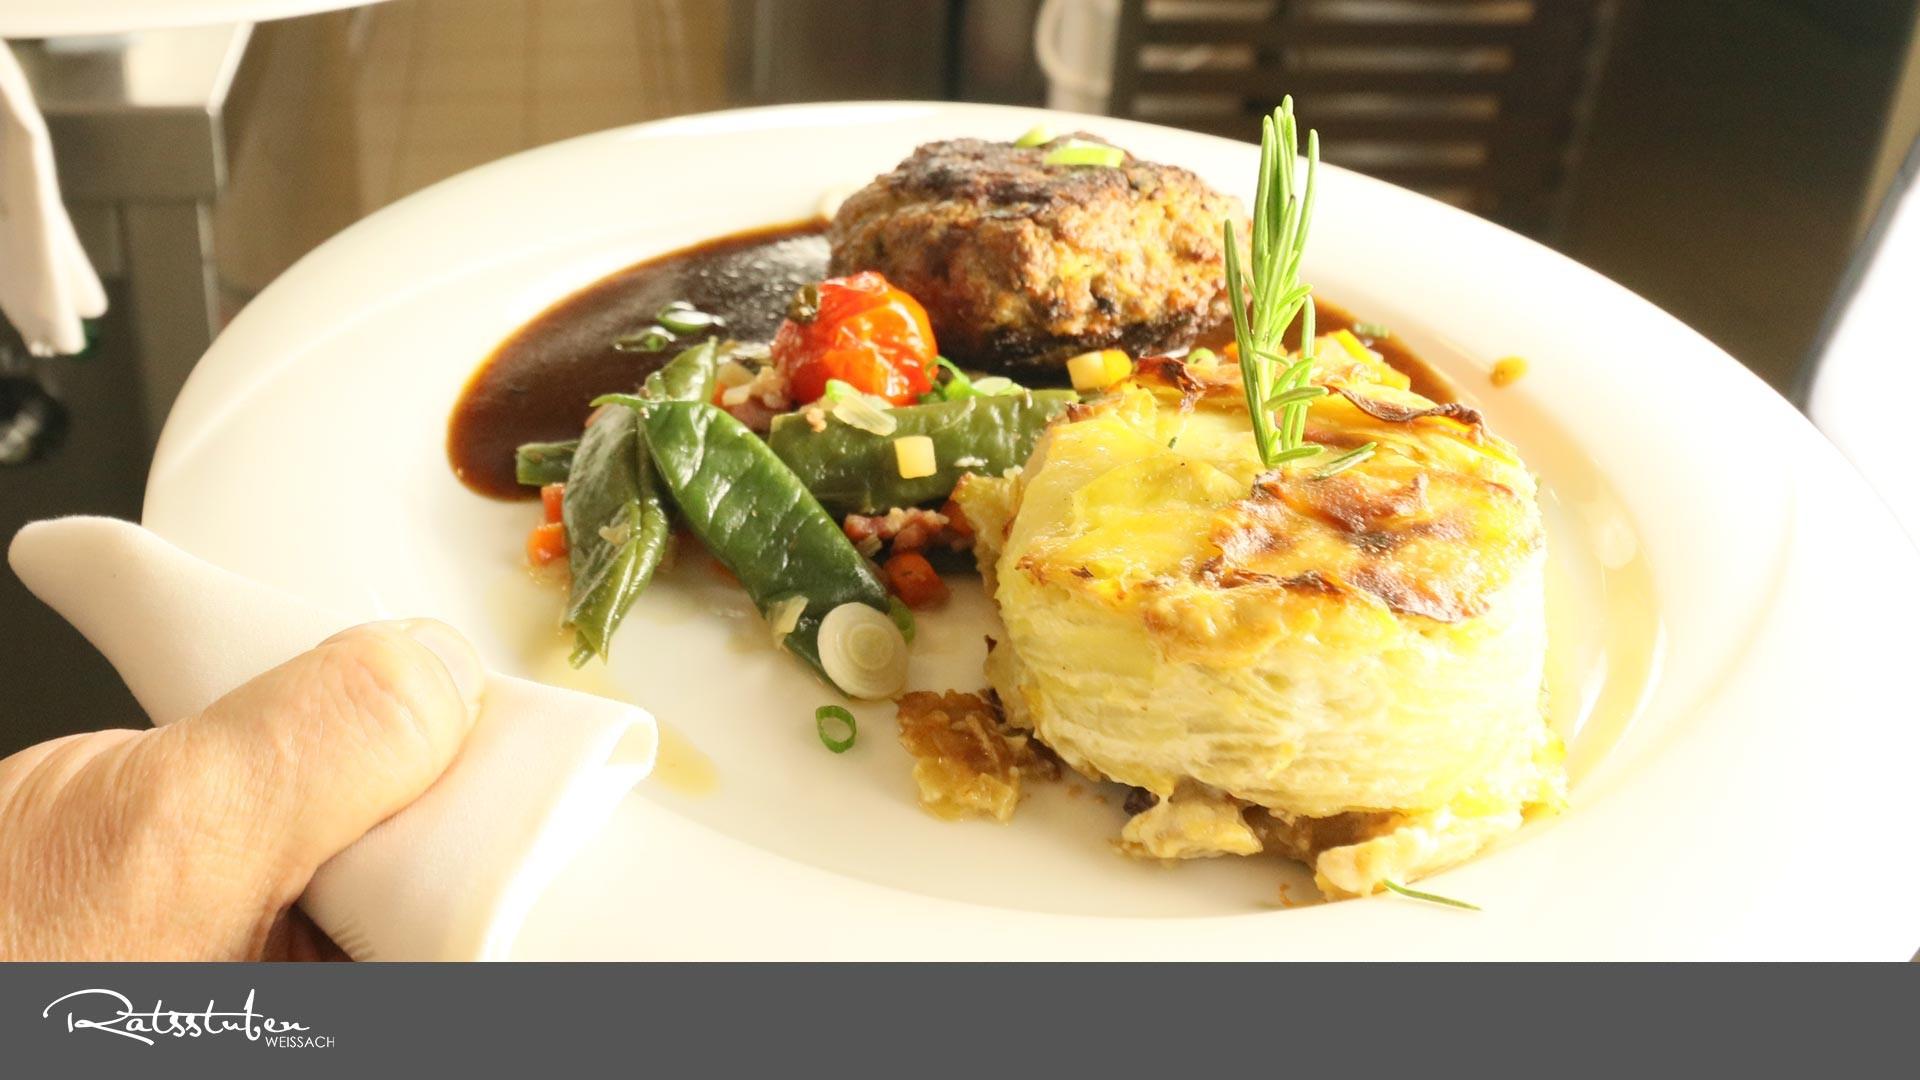 Ratsstuben Weissach:  Mit schönem Ausblick köstlich genießen - ob Mittagstisch-Business-Lunch oder zum Abendessen.